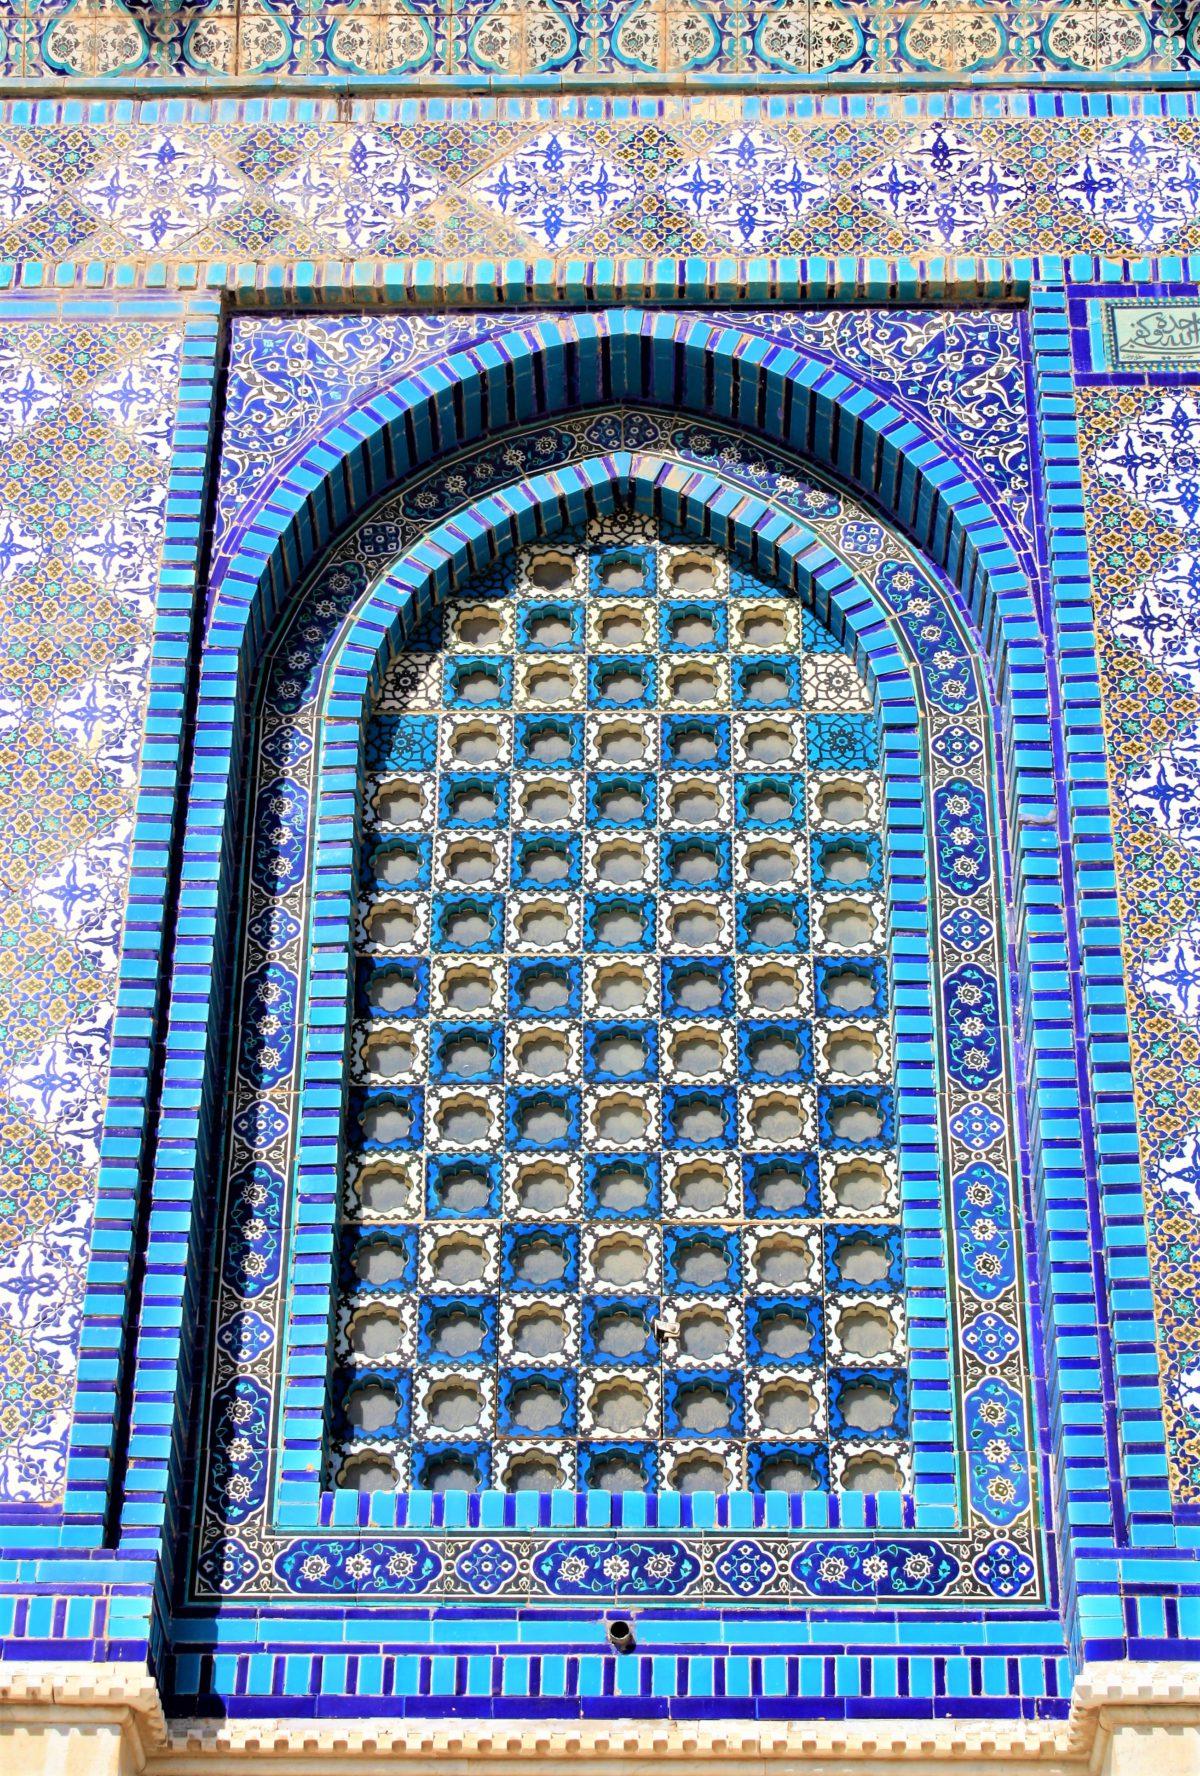 Kopuła na Skale. Mozaiki fajansowe z charakterystycznymi dla sztuki arabskiej wzorami geometrycznymi